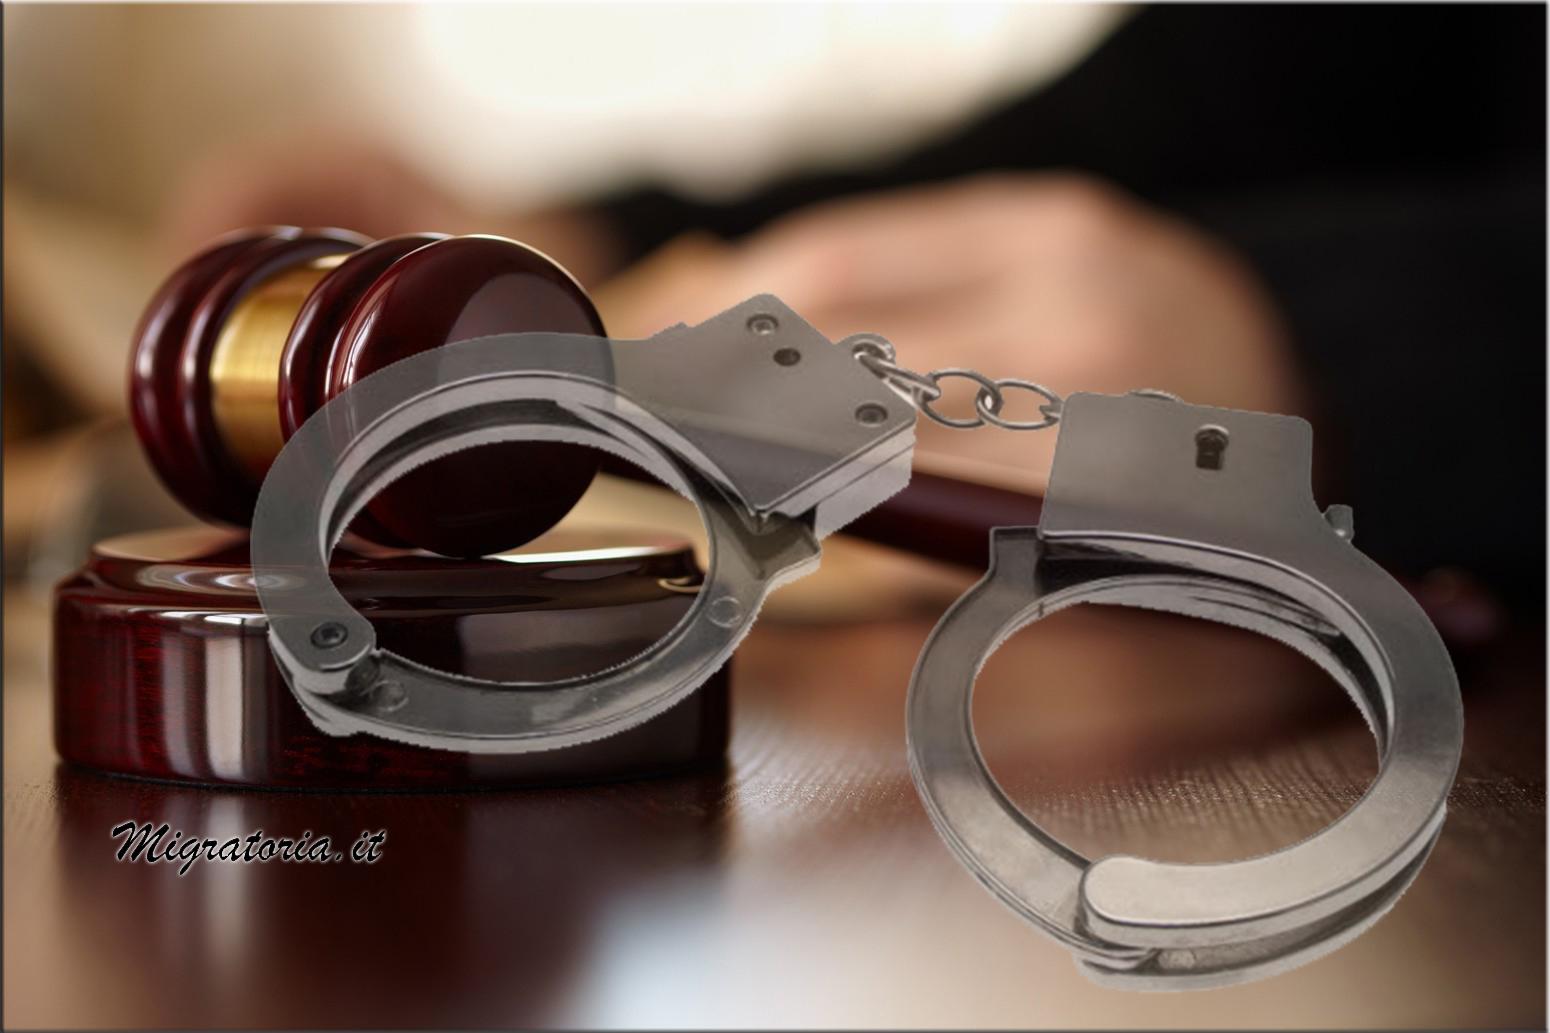 Arrestata anziana signora perchè non ha mai regolarizzato i fucili del marito defunto